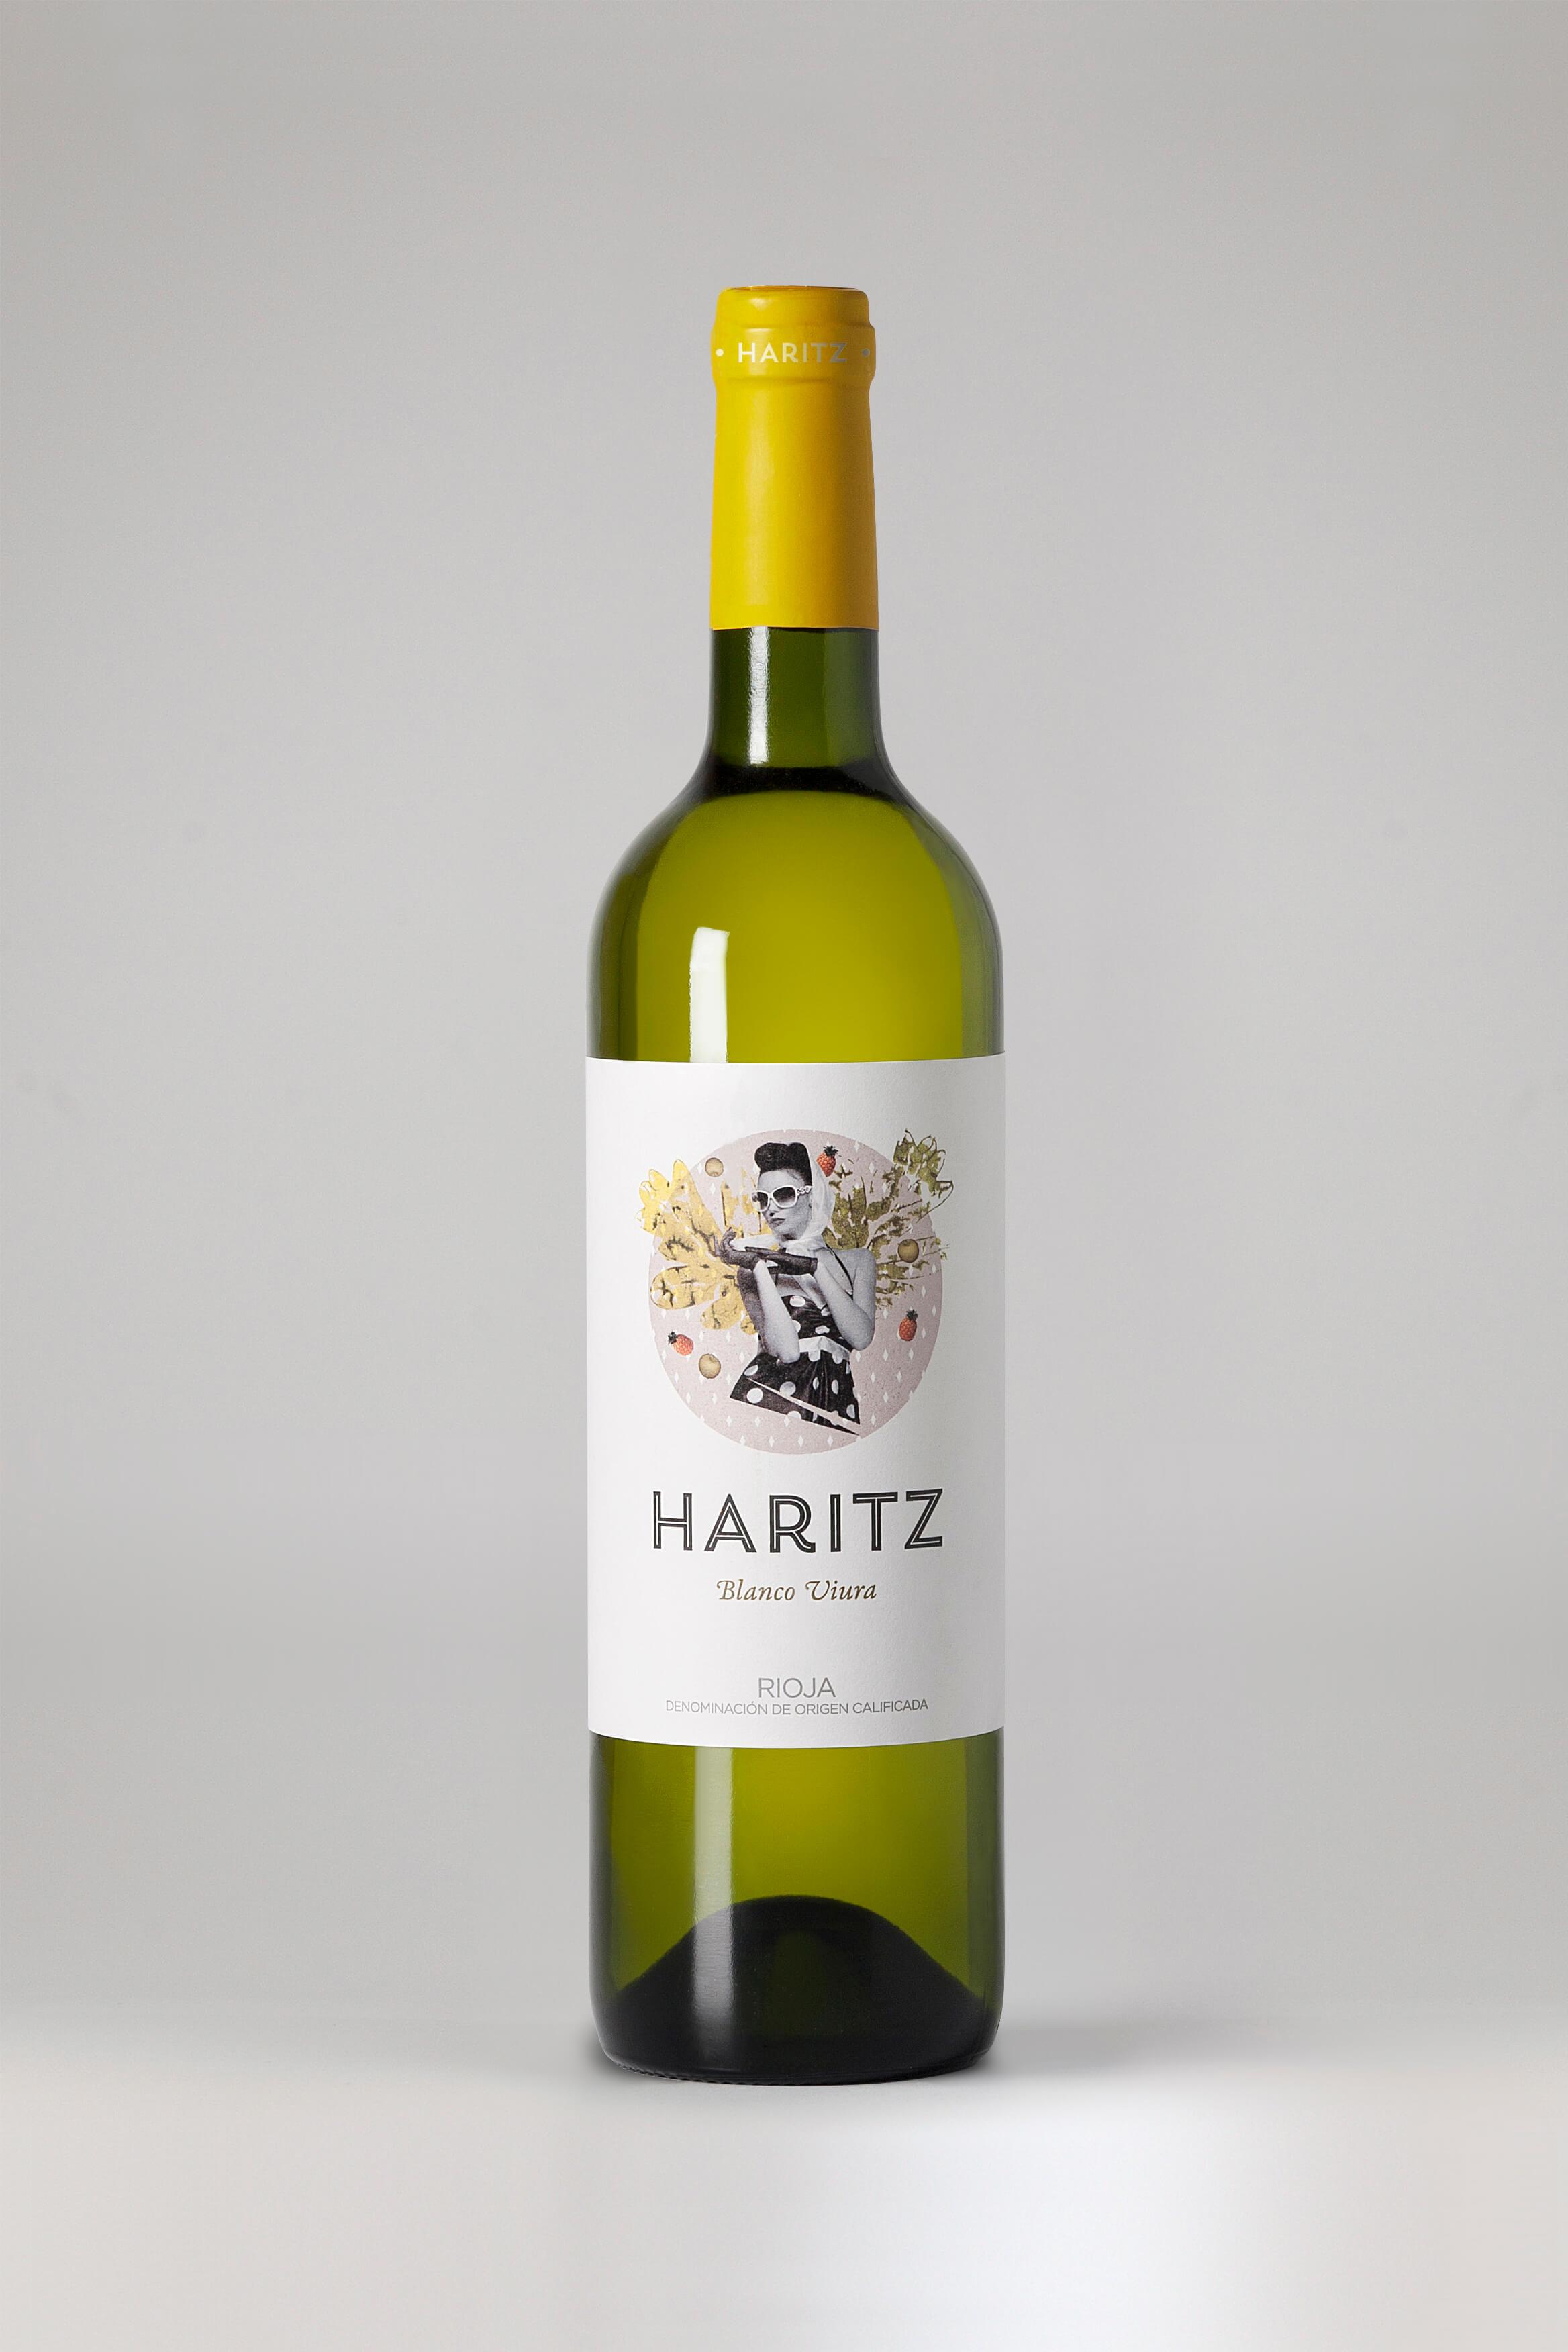 Haritz Viura